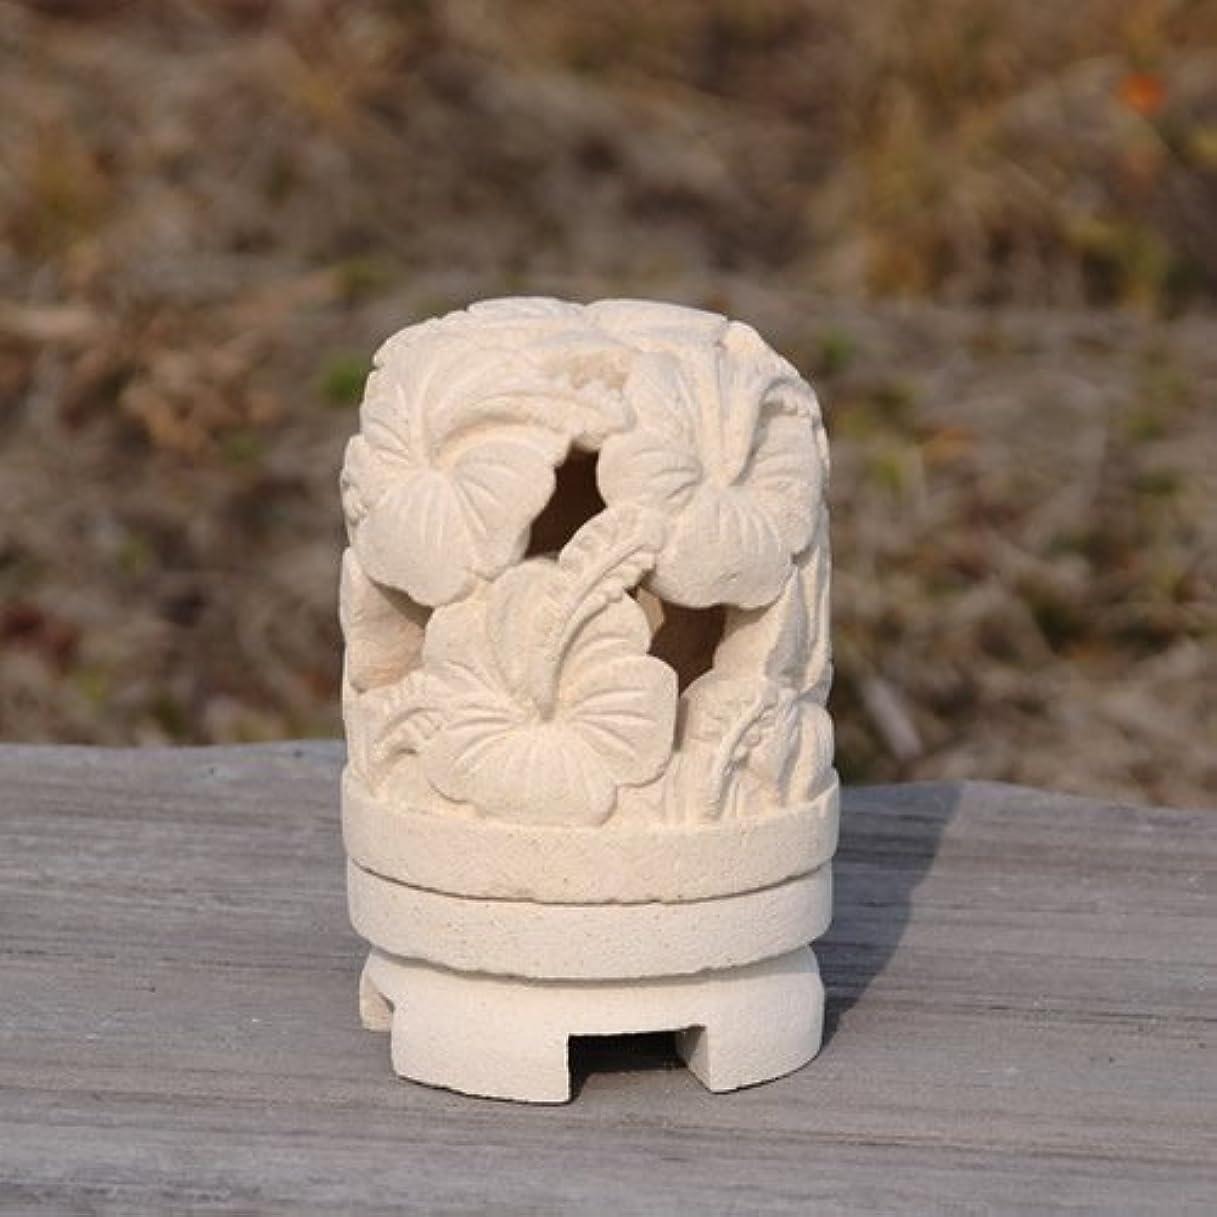 フェッチマサッチョ資産ライムストーンで出来たハンドメイドの丸いキャンドルホルダー (タイプB(ハイビスカス))